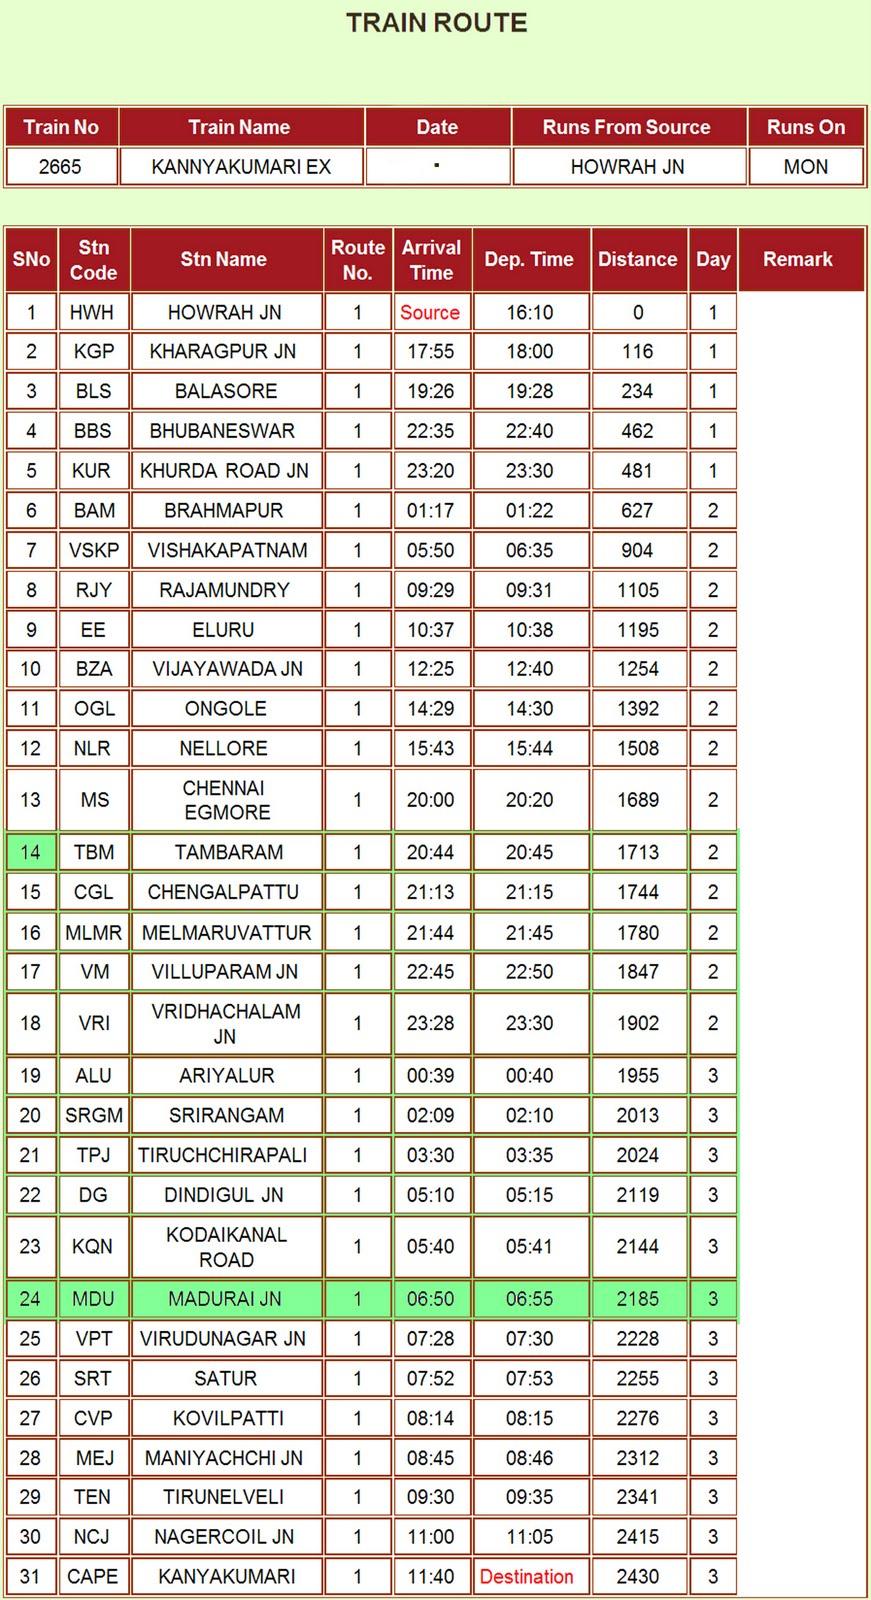 nagercoil train running status